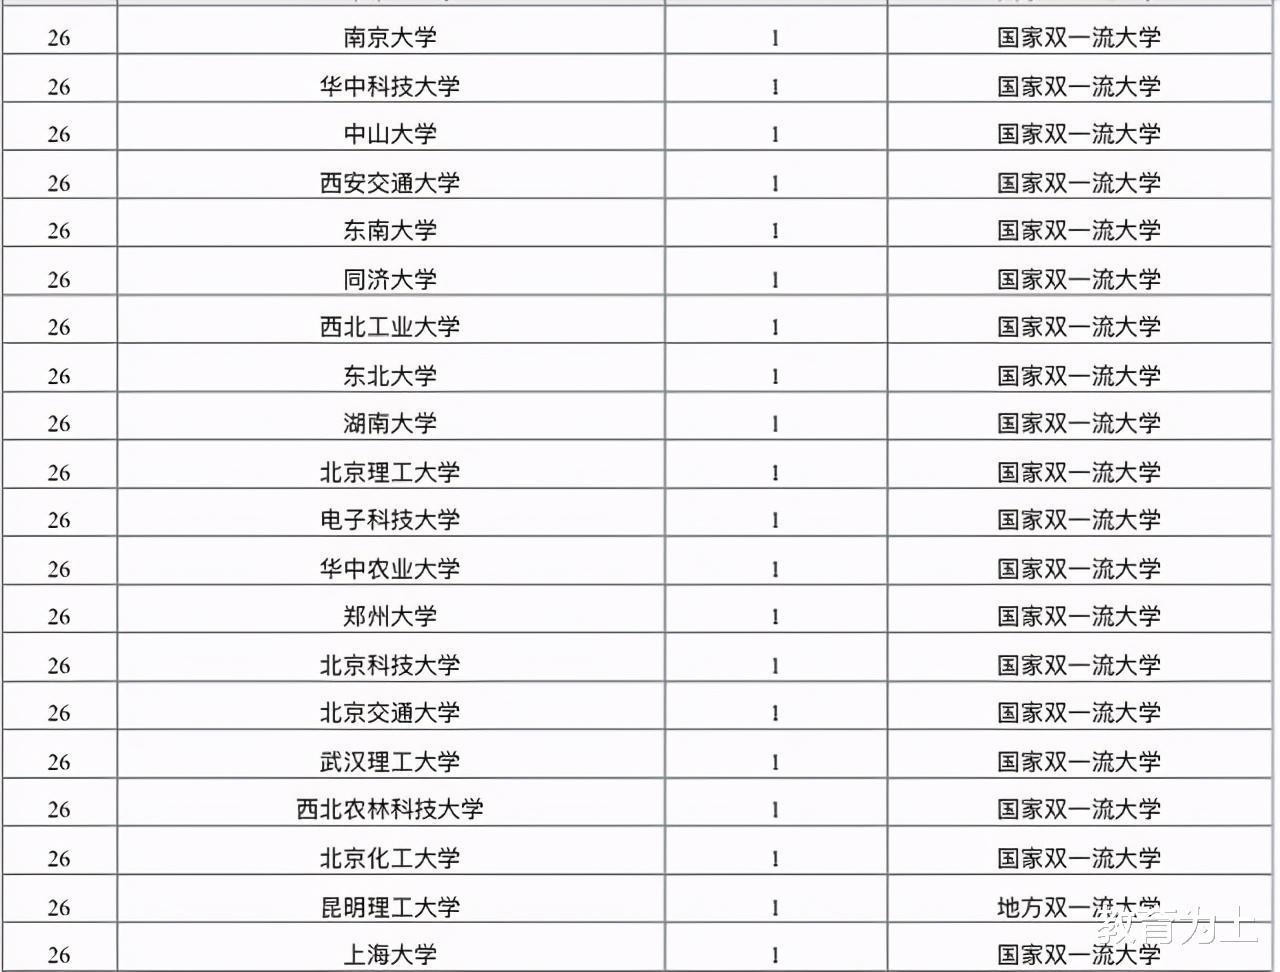 2020中国高校青年科技奖排名:65所高校上榜,哈尔滨工业大学第4